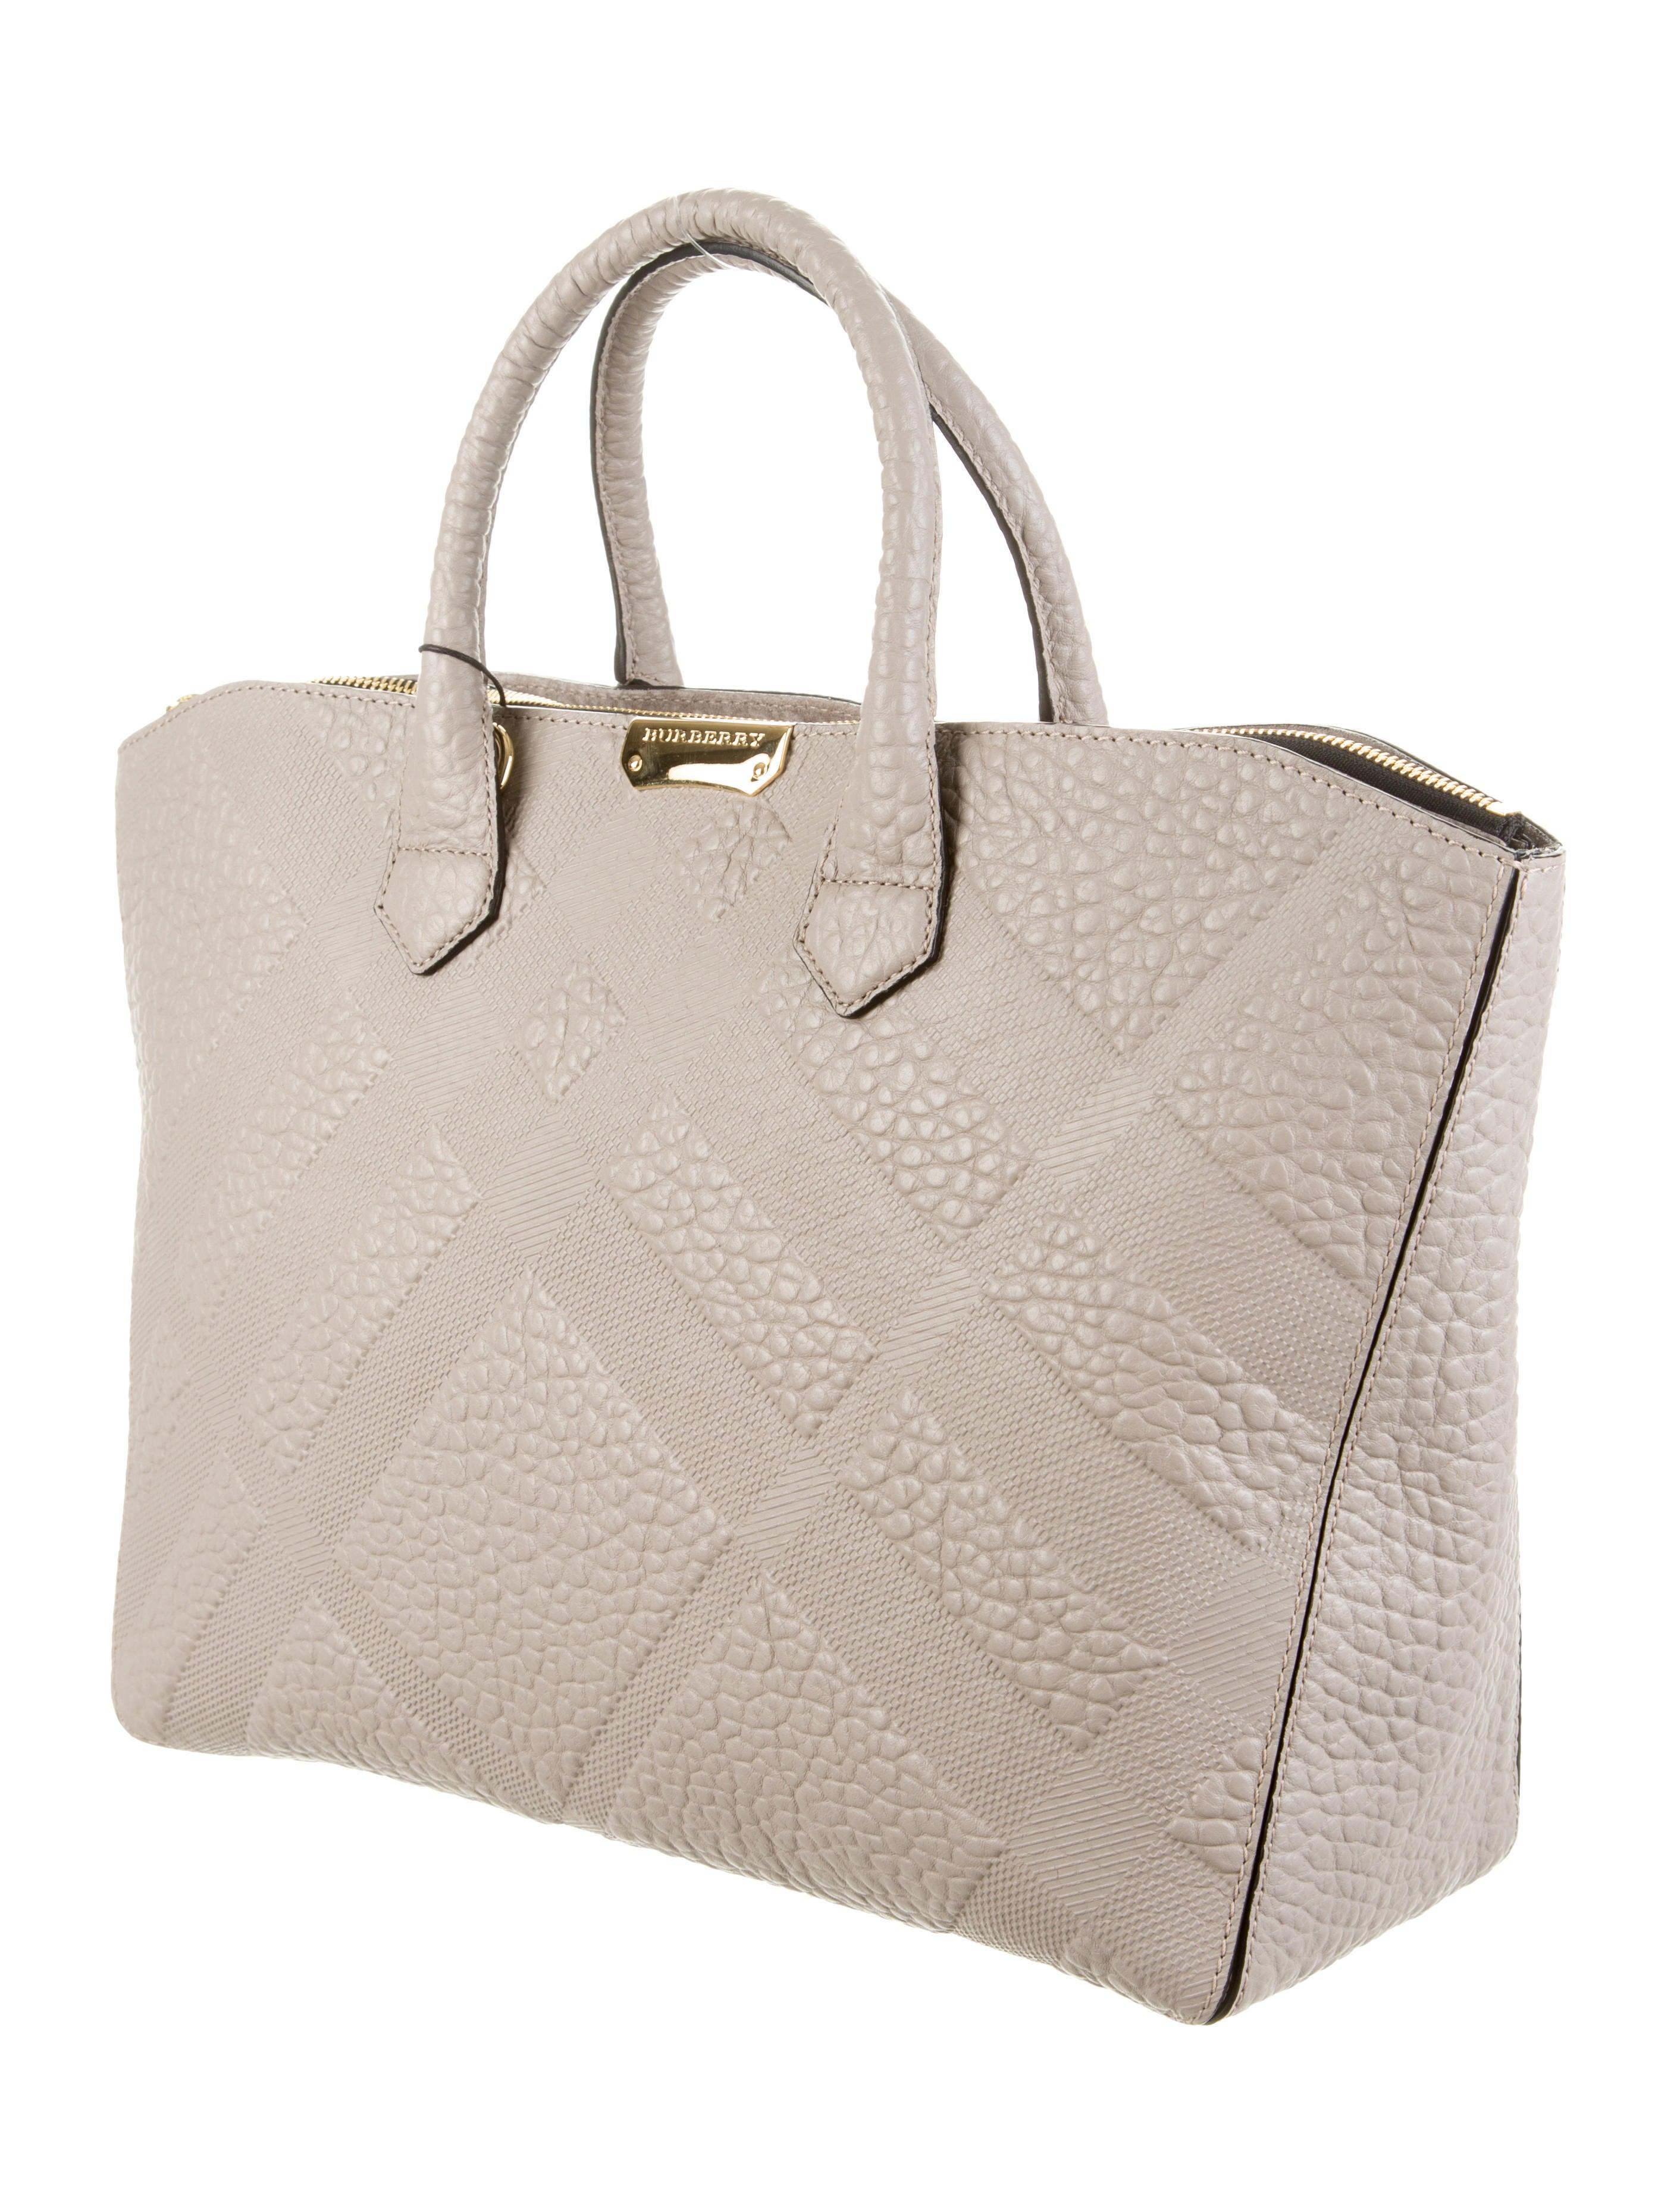 burberry dewsbury tote w tags   handbags   bur40071 the